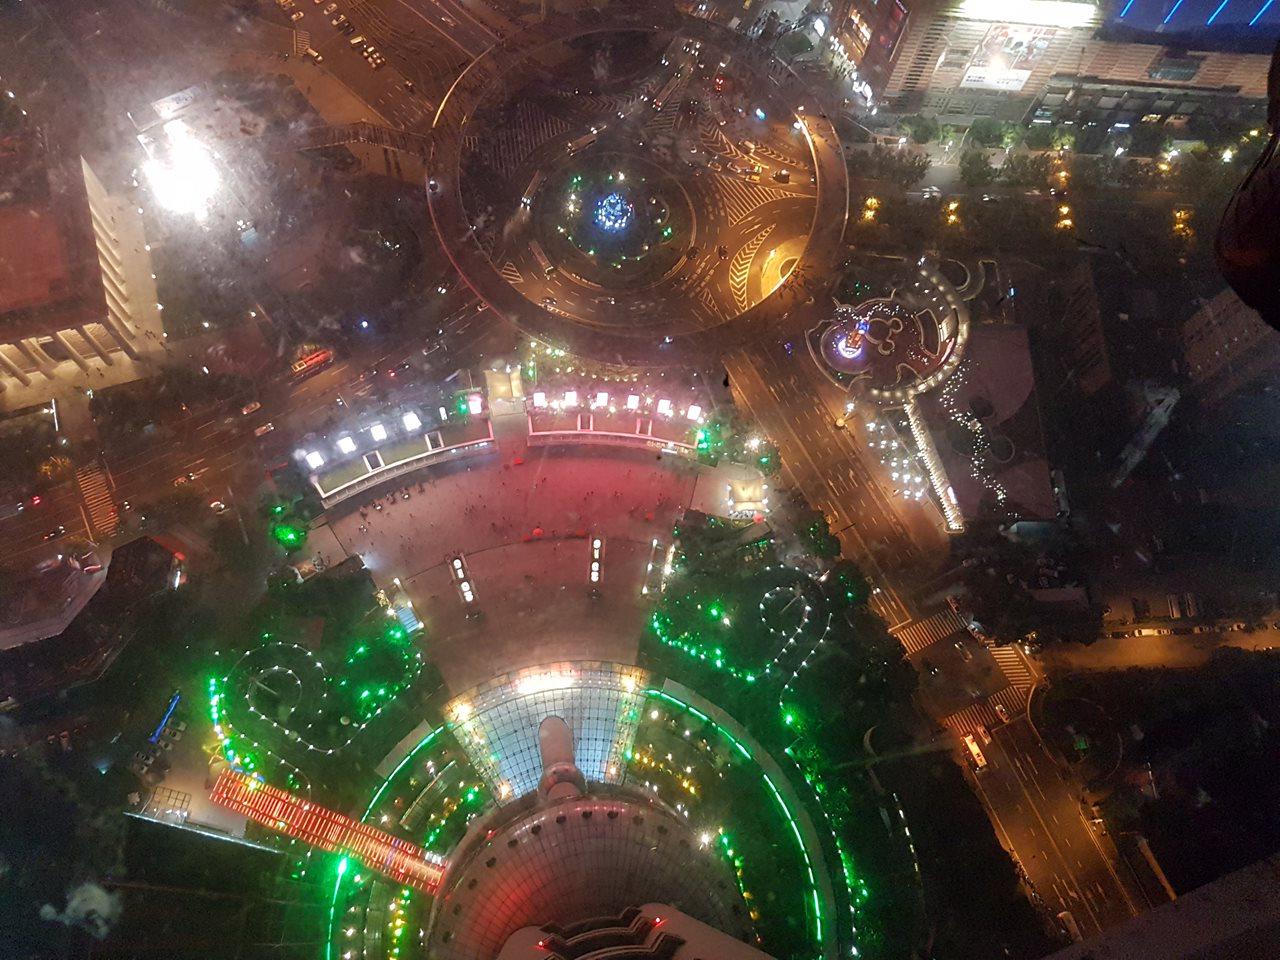 Podeaua de sticlă din Oriental Pearl Tower din Shanghai